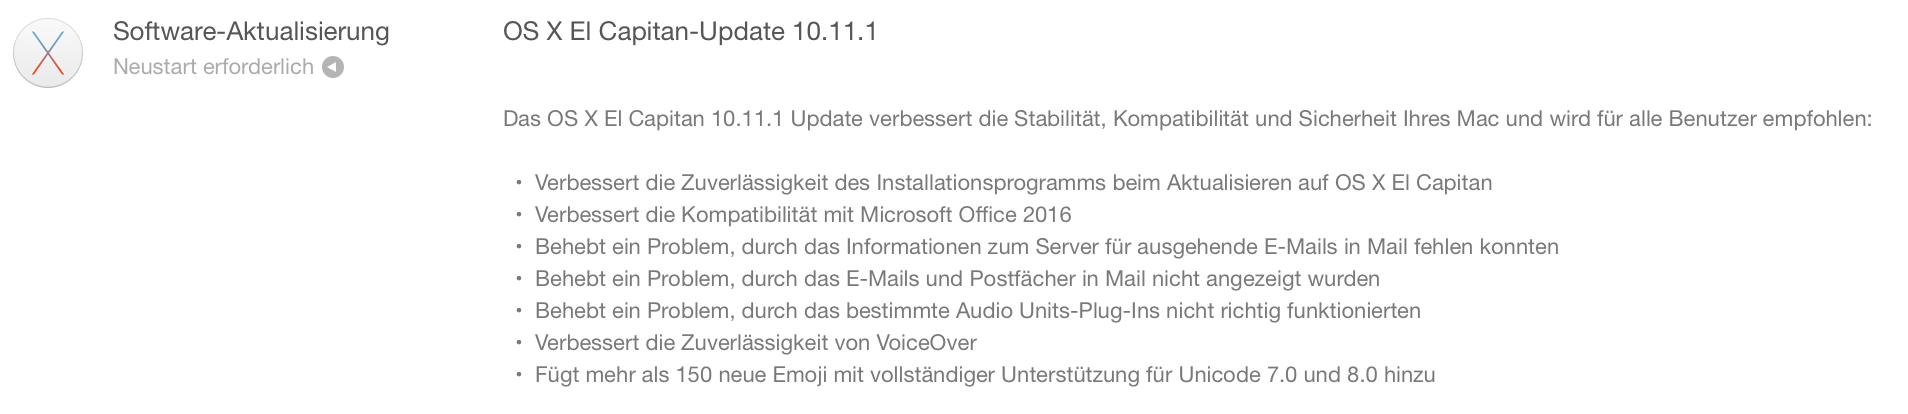 macOS Update Topic-bildschirmfoto-2015-10-21-um-19.15.40.png